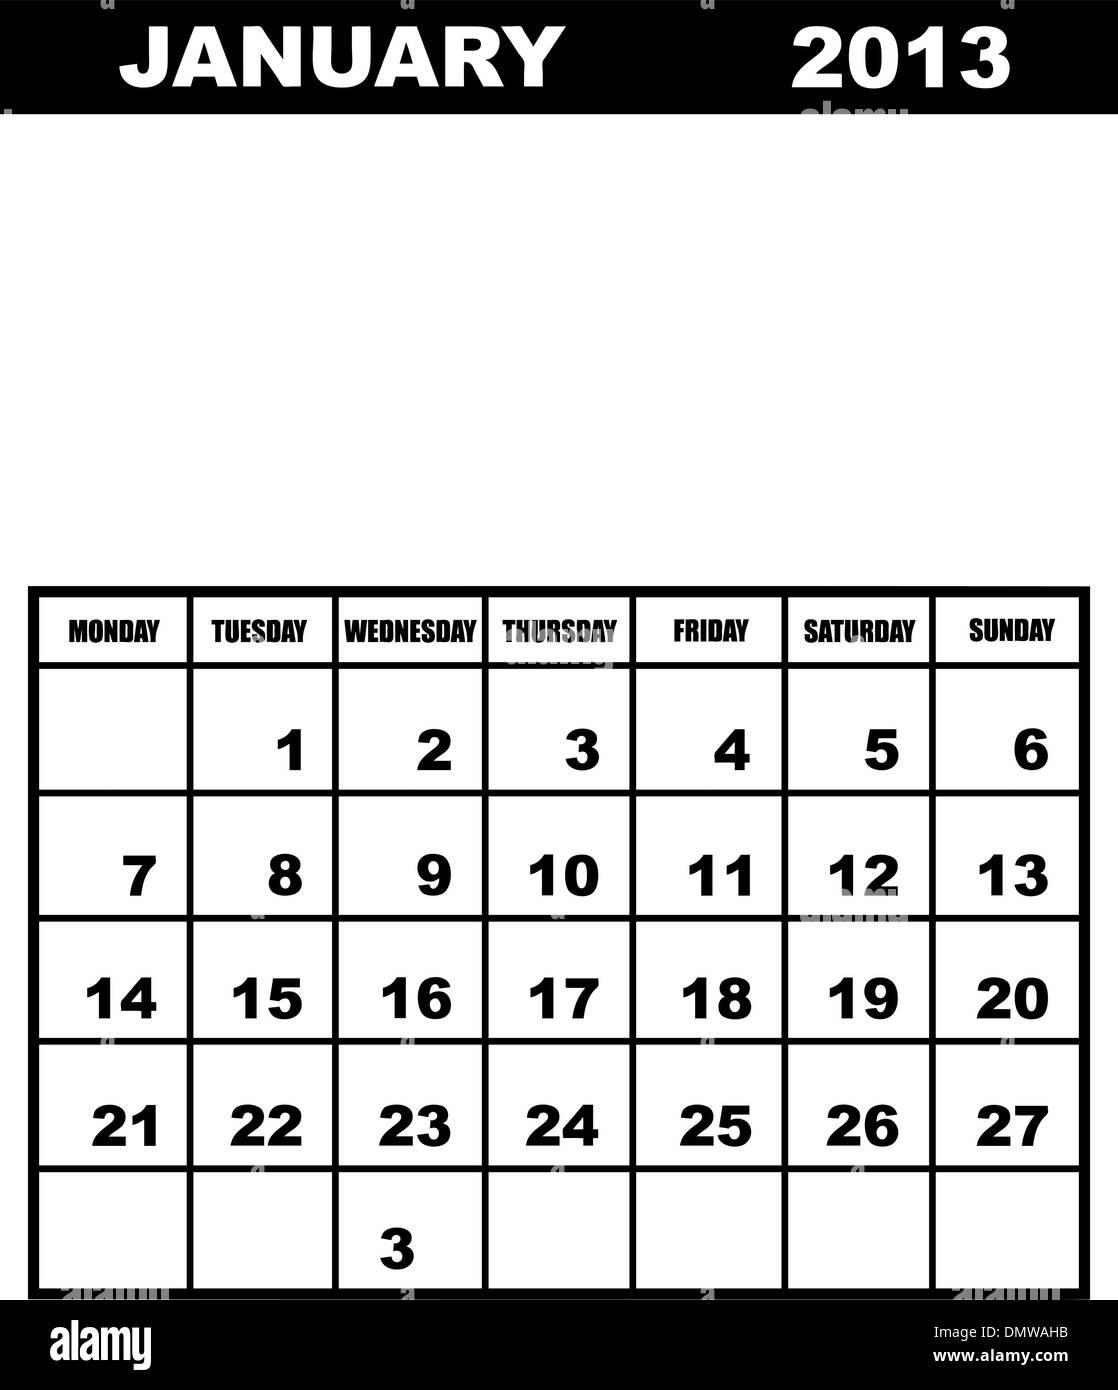 Calendario Gennaio.Calendario Gennaio 2013 Illustrazione Vettoriale 64481351